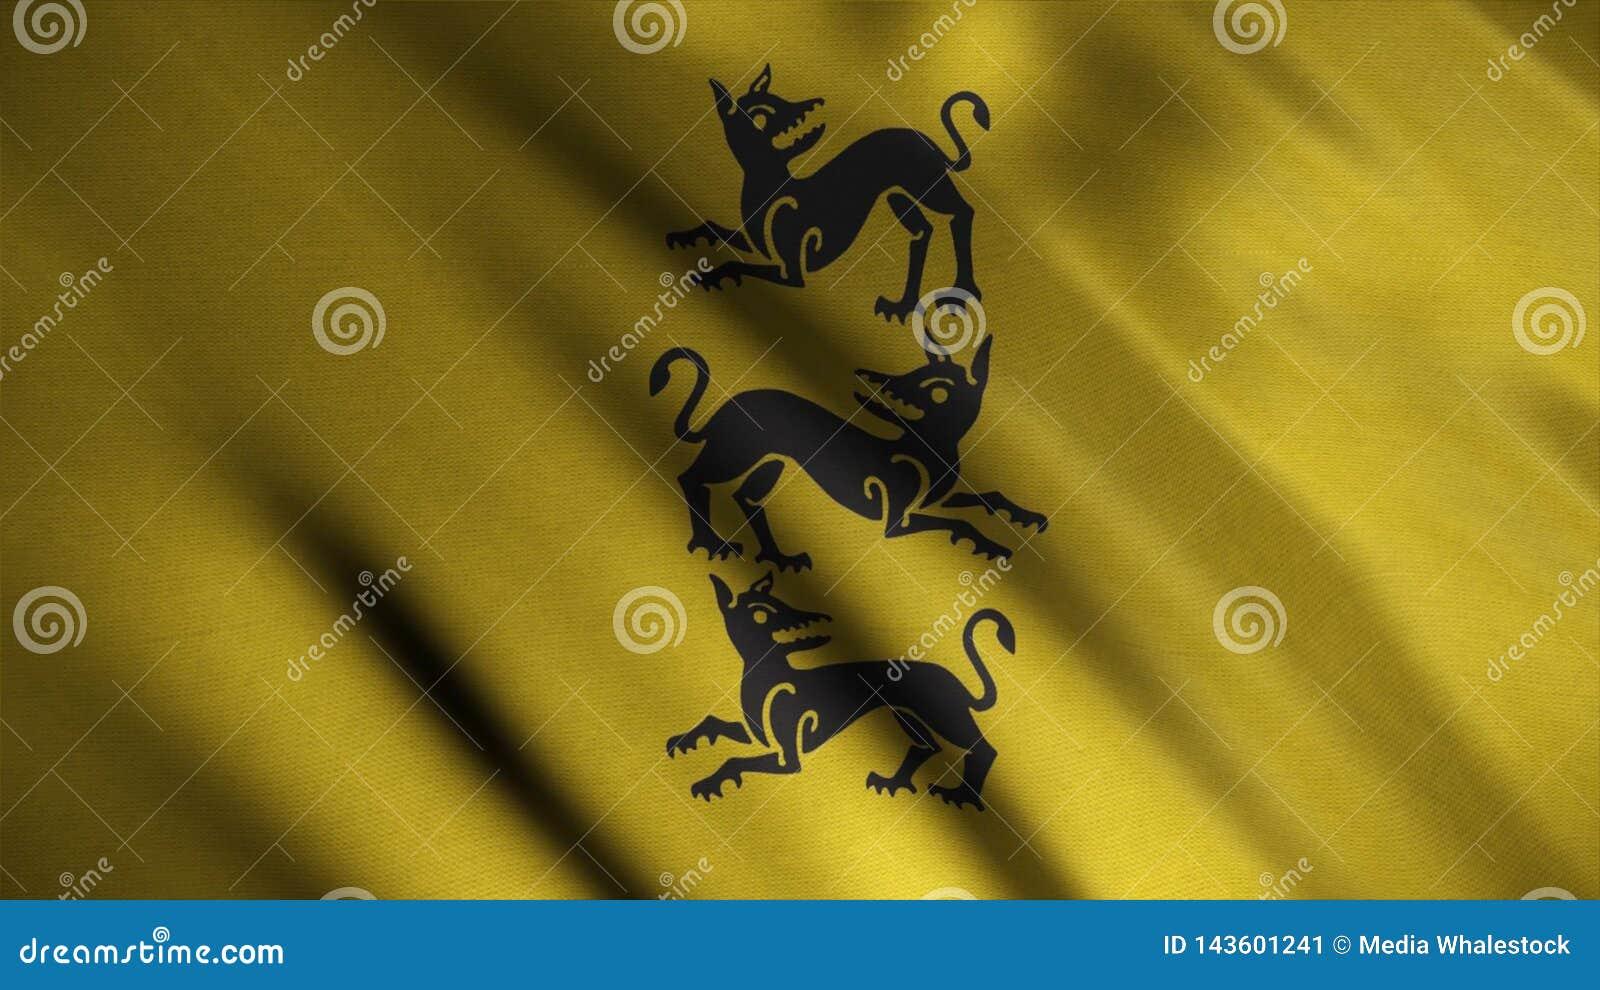 Konturn av tre ilskna hundkapplöpning som vertikalt ordnades, visade på bakgrund av framkallning av den guld- flaggan djur emblem